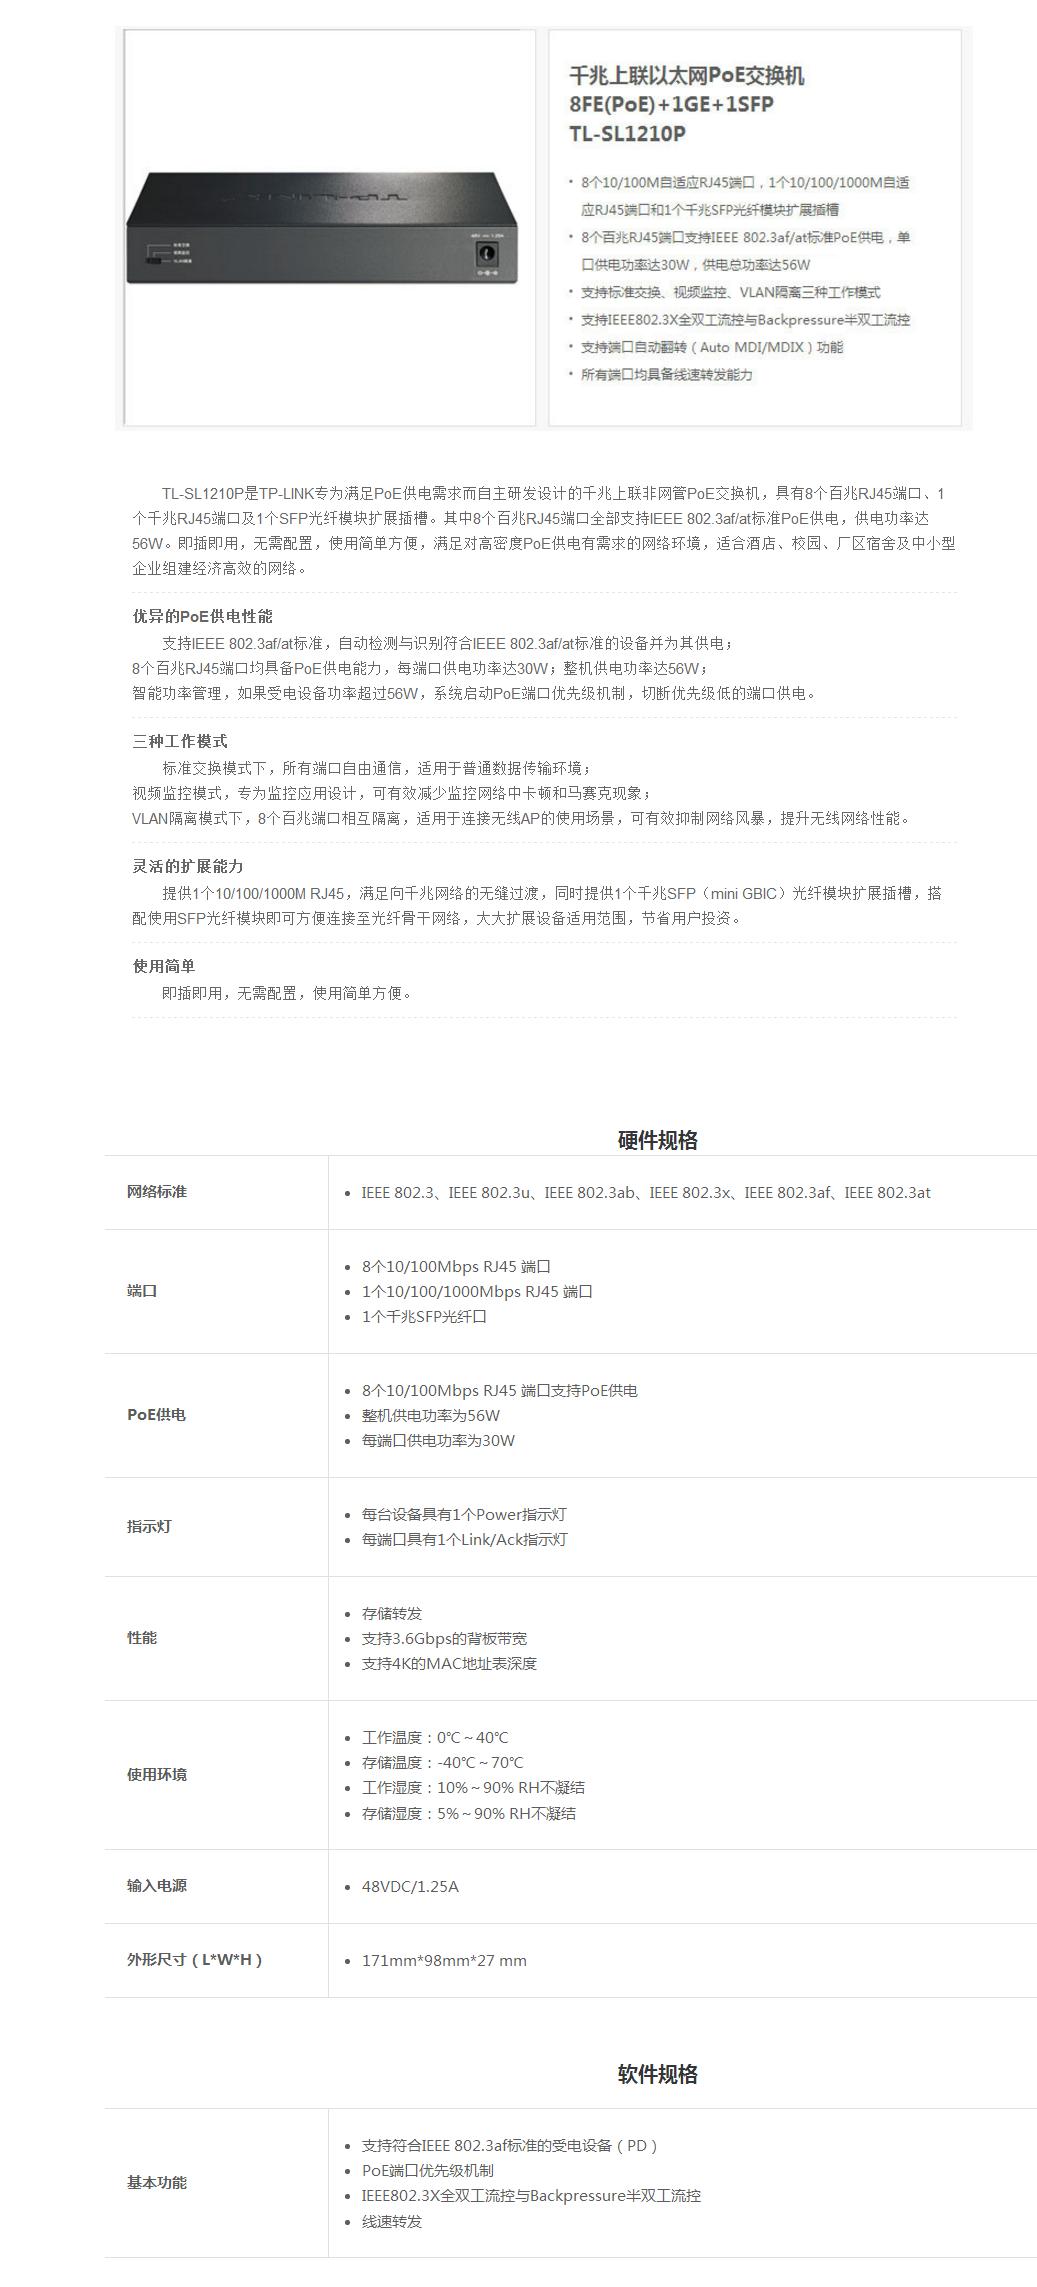 https://itemcdn.zcy.gov.cn/2018022310471618339646.png